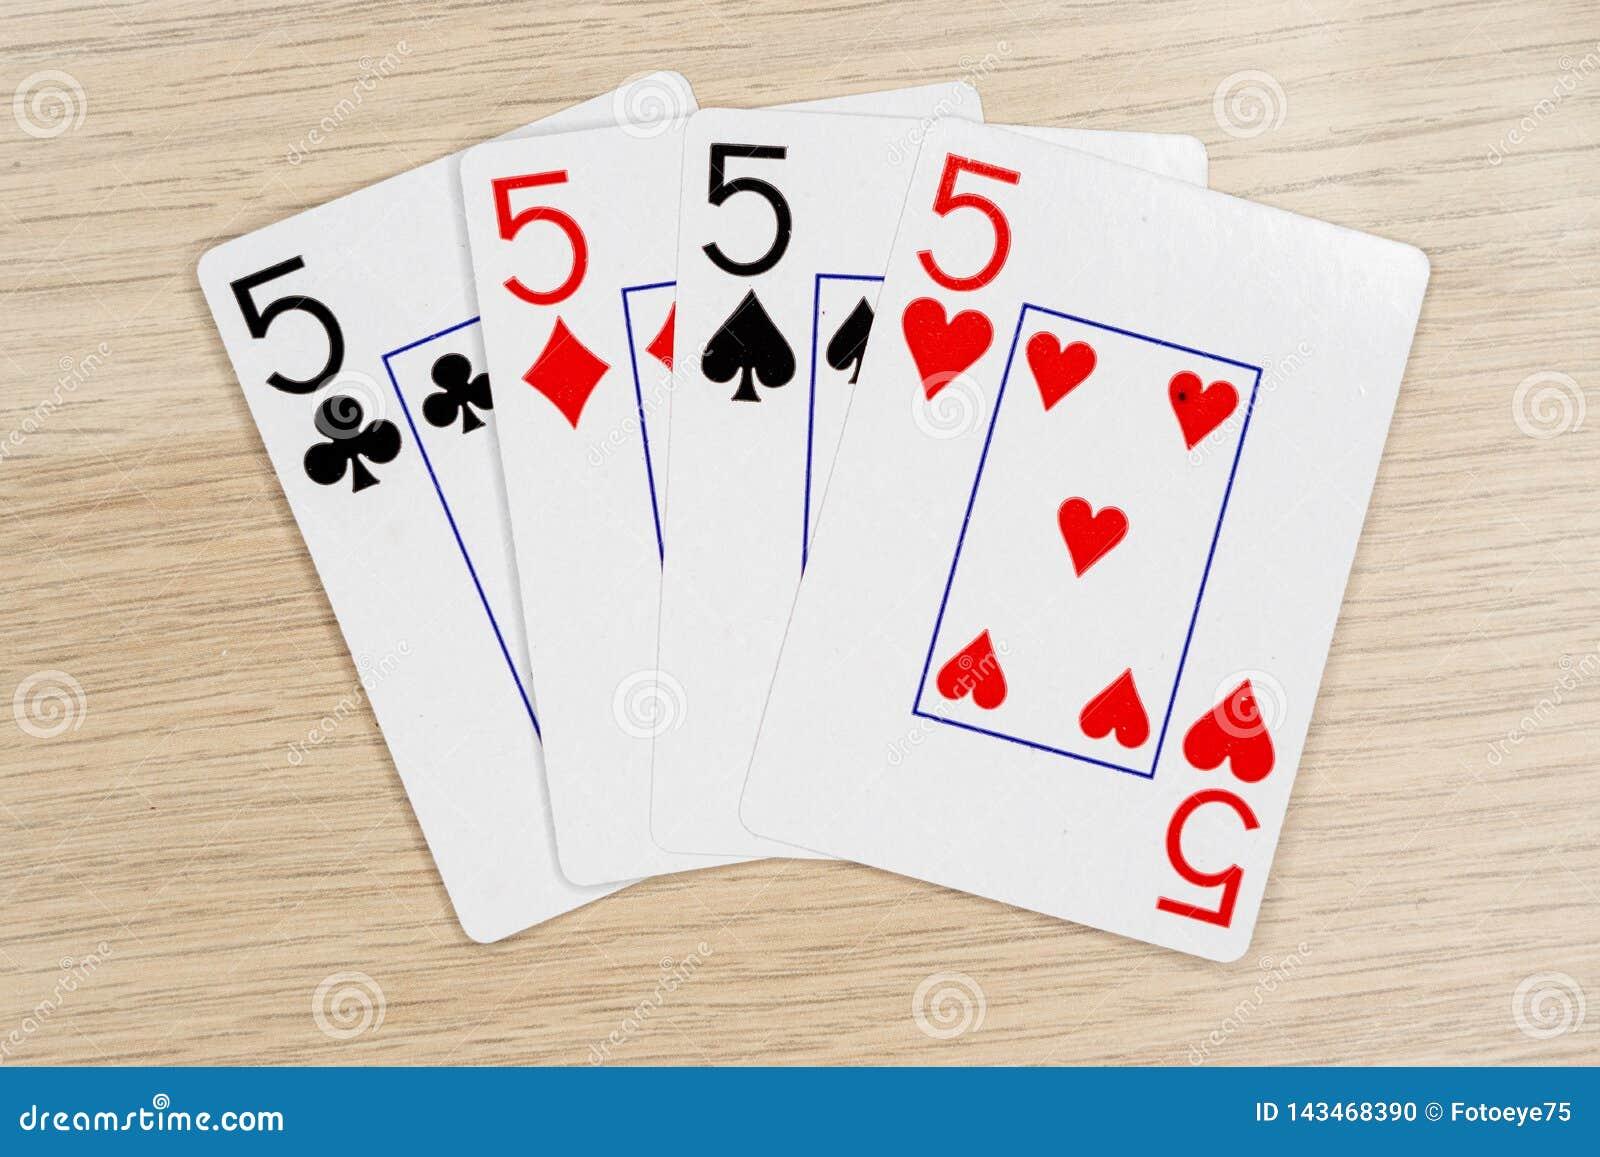 4亲切的fives 5 -打啤牌牌的赌博娱乐场